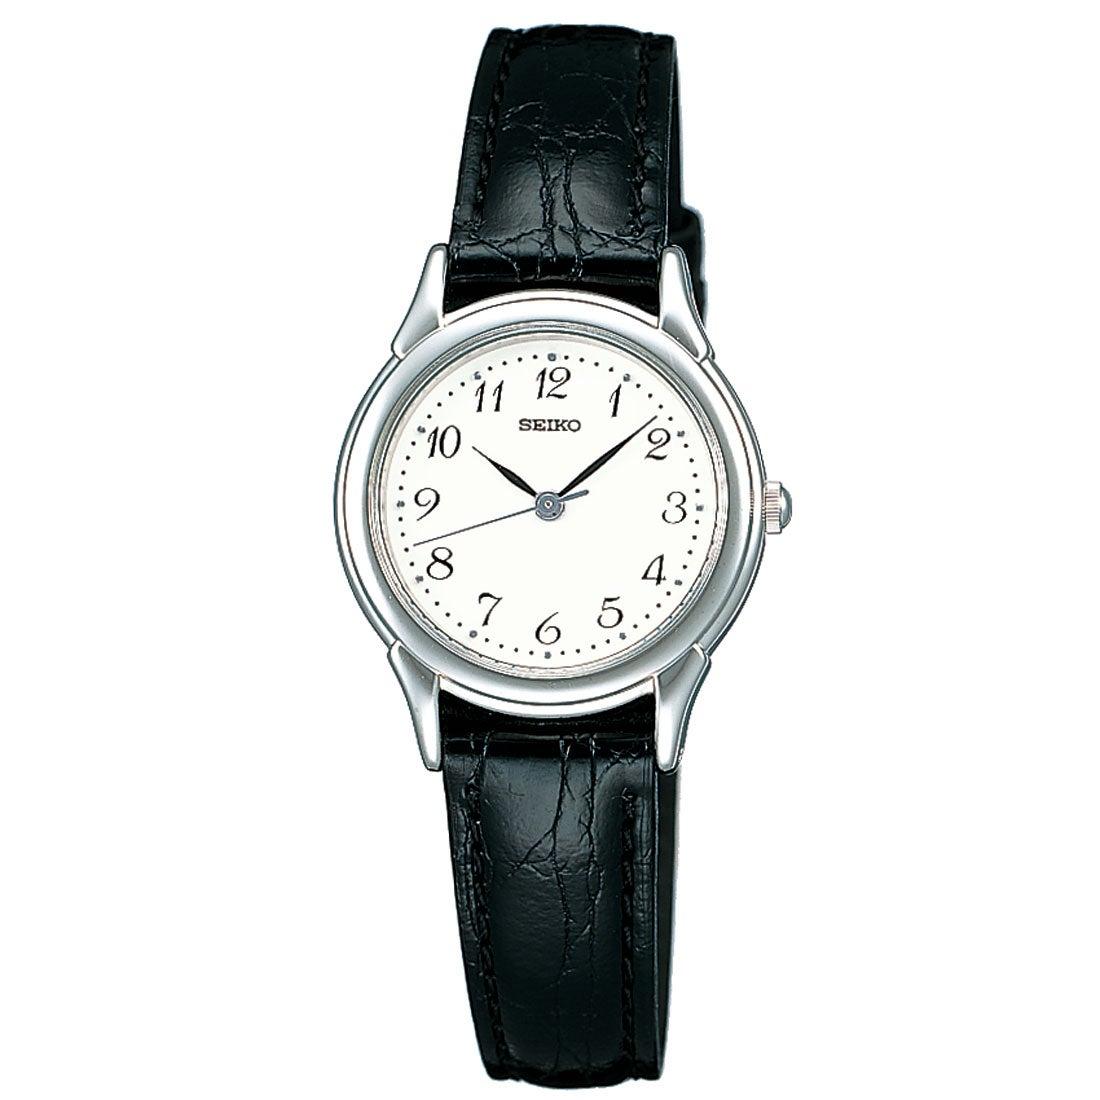 ロコンド 靴とファッションの通販サイトSEIKO スピリット SPIRIT クオーツ ペアウオッチ 腕時計 国産 レディース STTC005